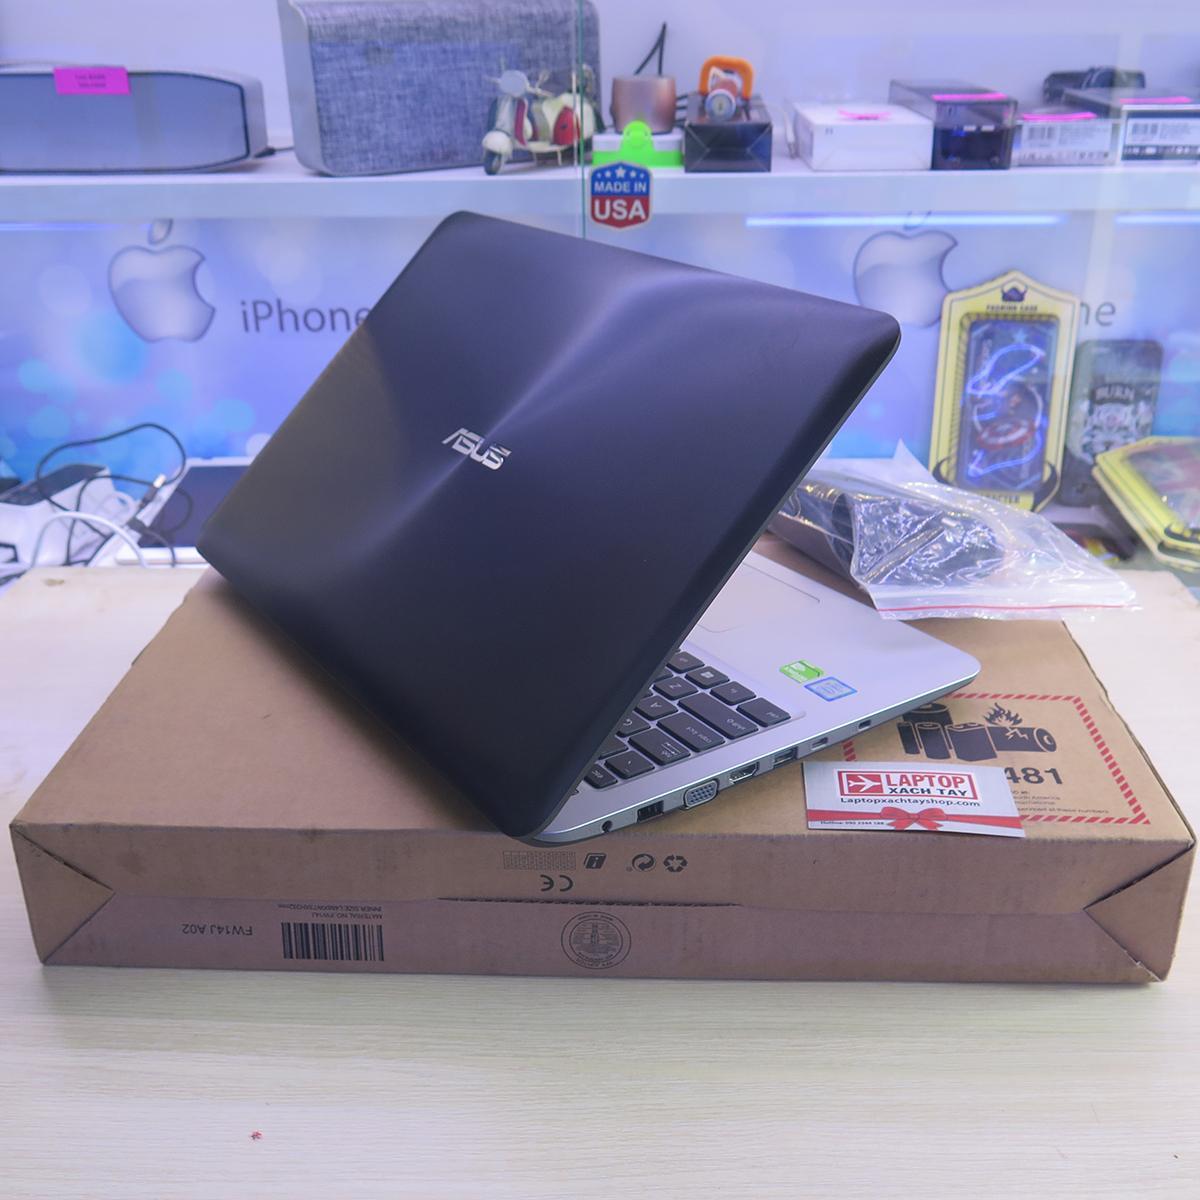 Hình ảnh Asus A556UR i5 7200U RAM 4GB HDD 500GB NVIDIA Geforce 930MX - Nhập khẩu USA